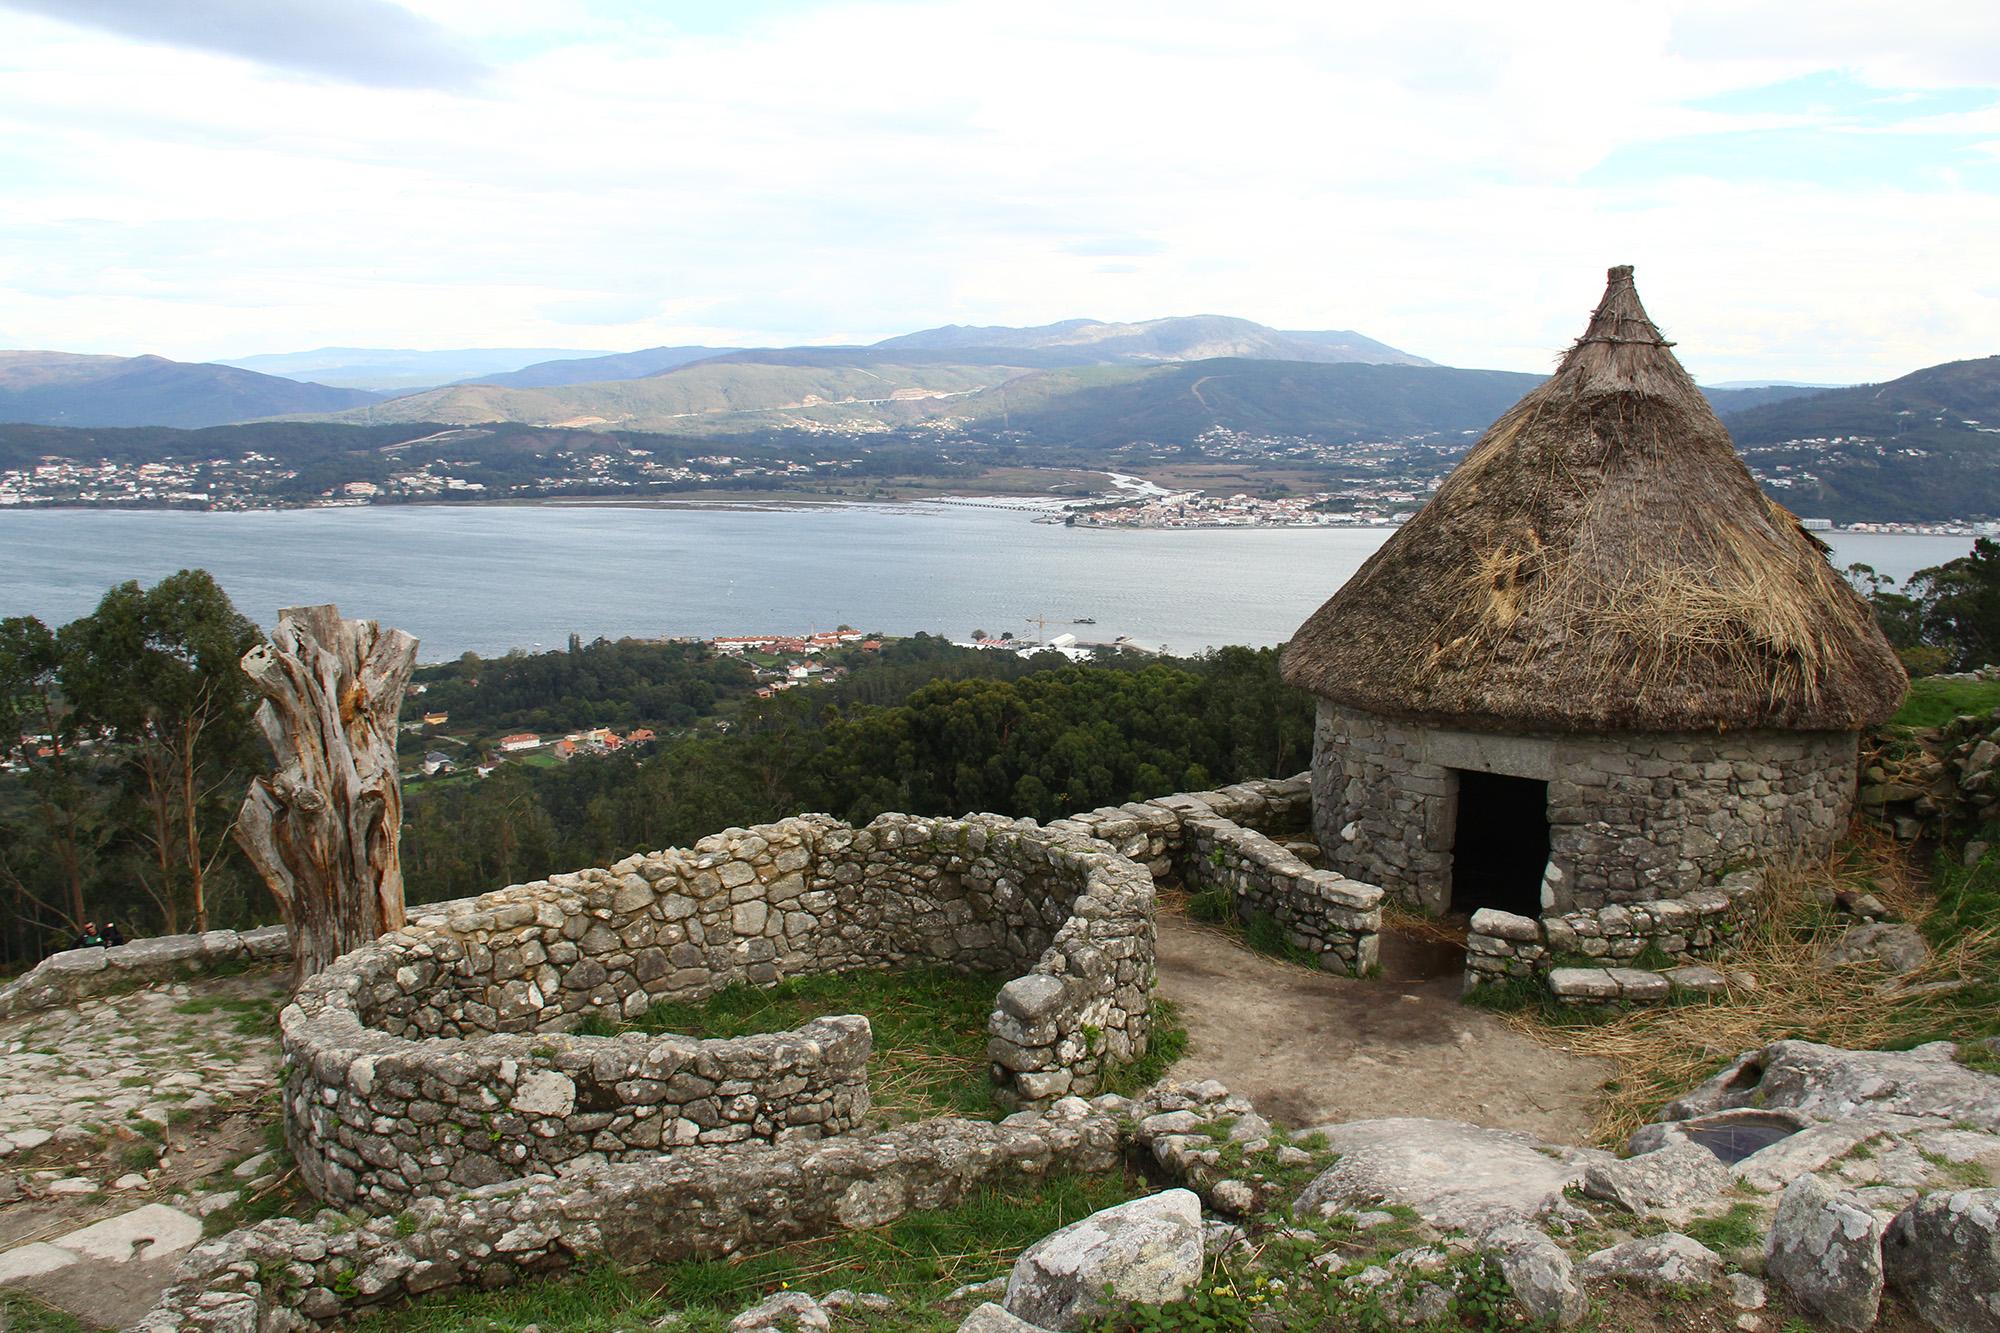 Caseta Celta